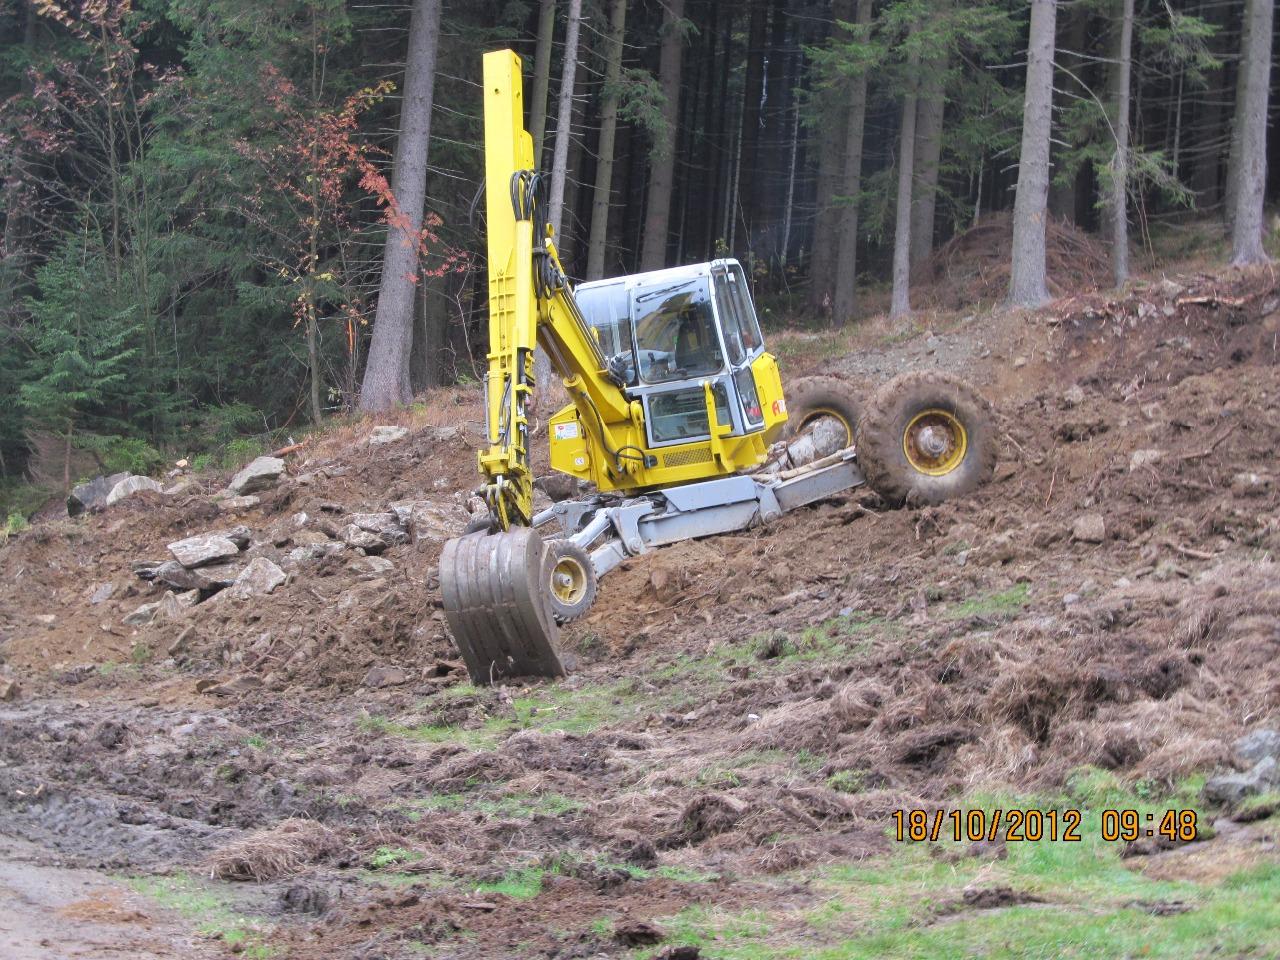 Zemní práce bagrem v těžko přístupném terénu hor, lesů, koryt řek a rybníků